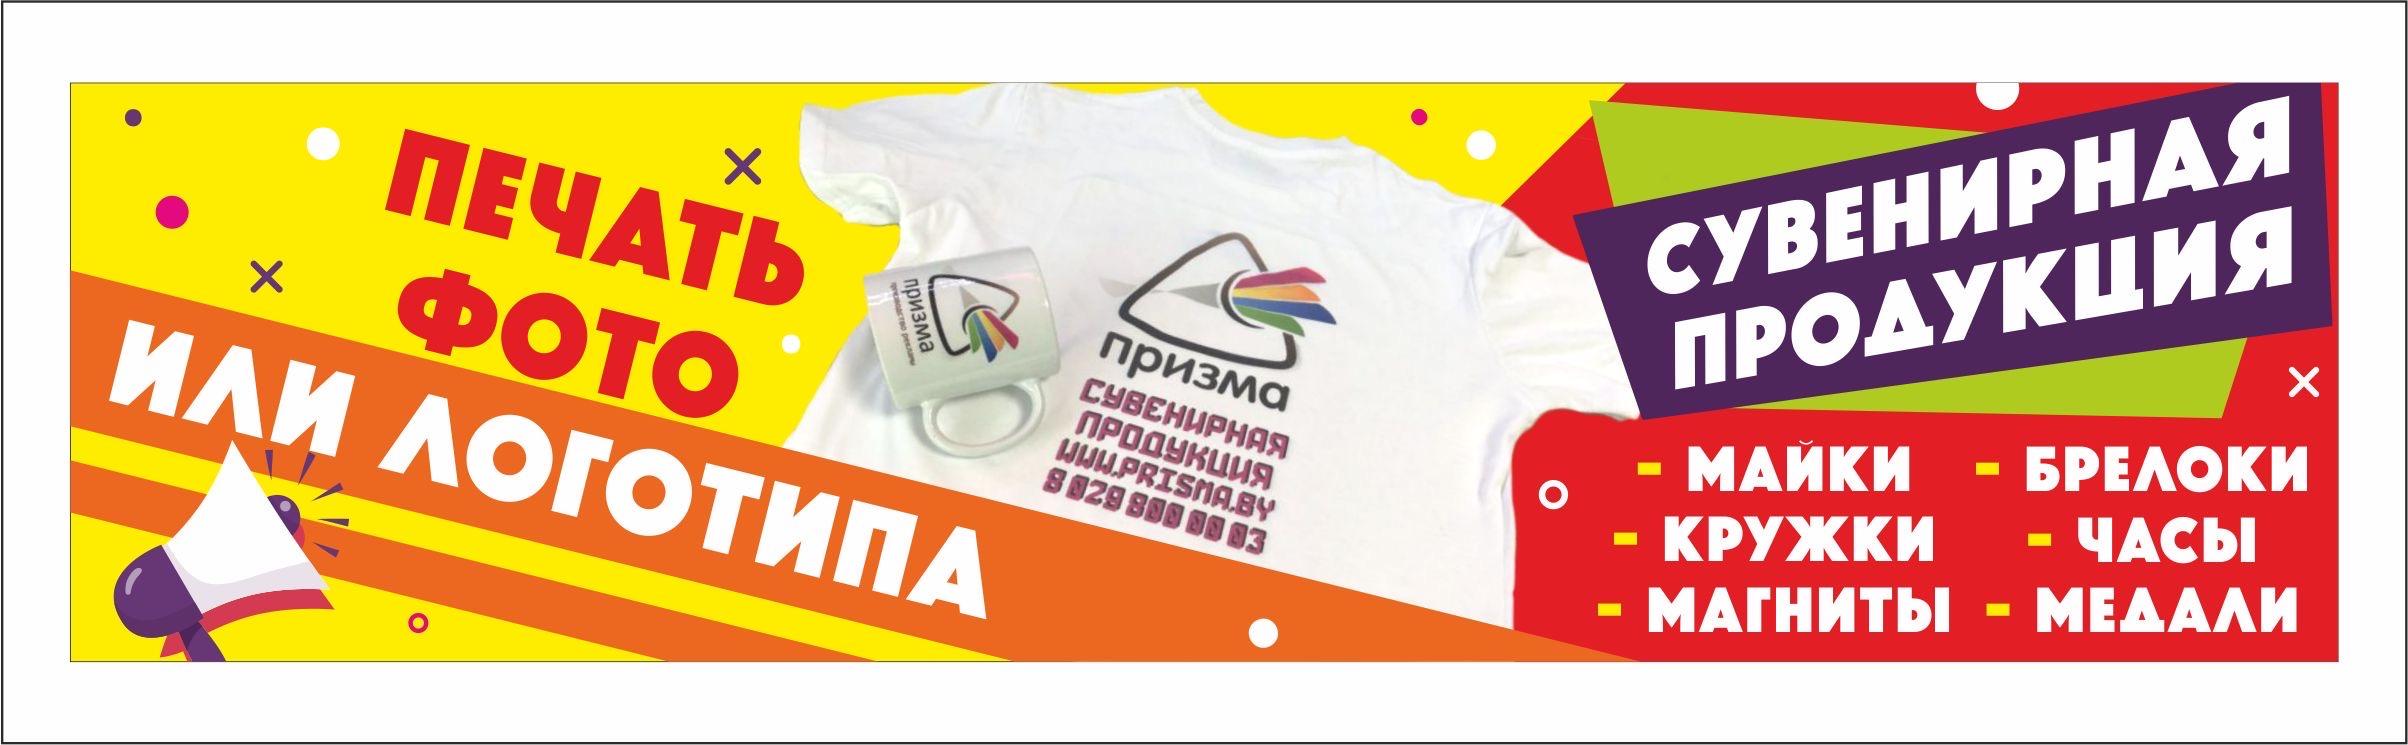 печать логотипа и фото, сувенирная продукция Могилёв